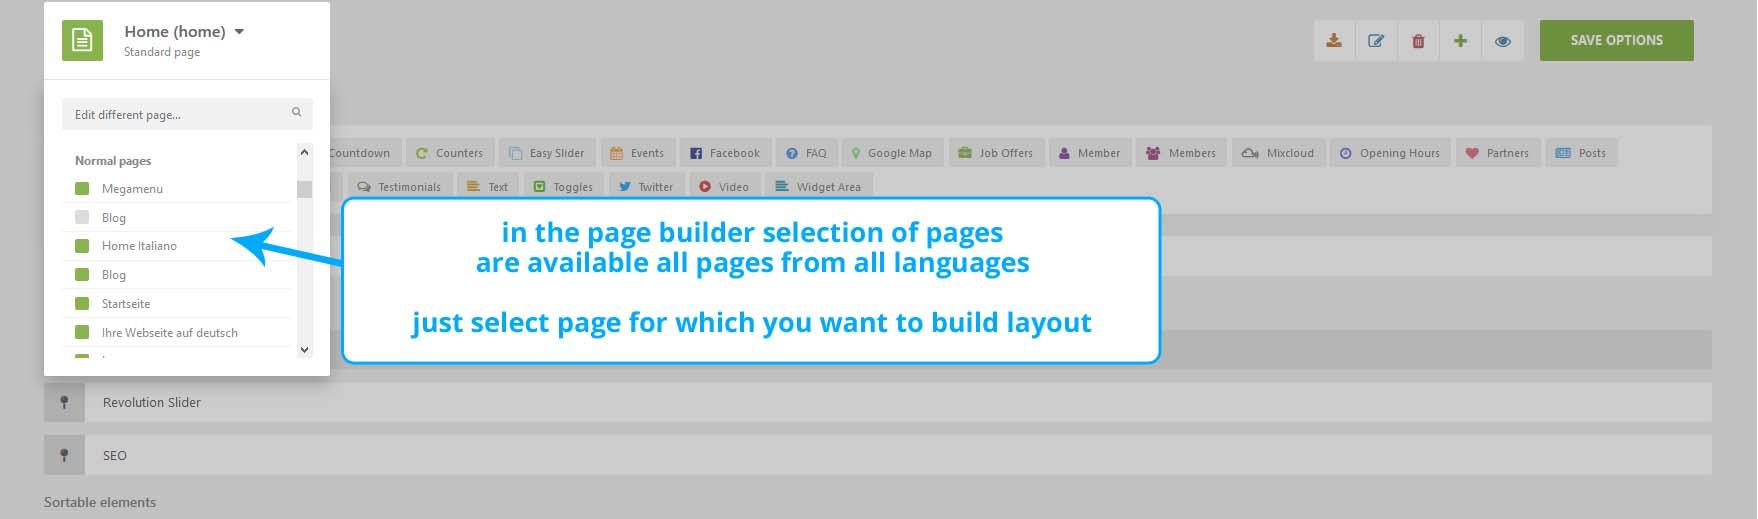 Page Builder Translation